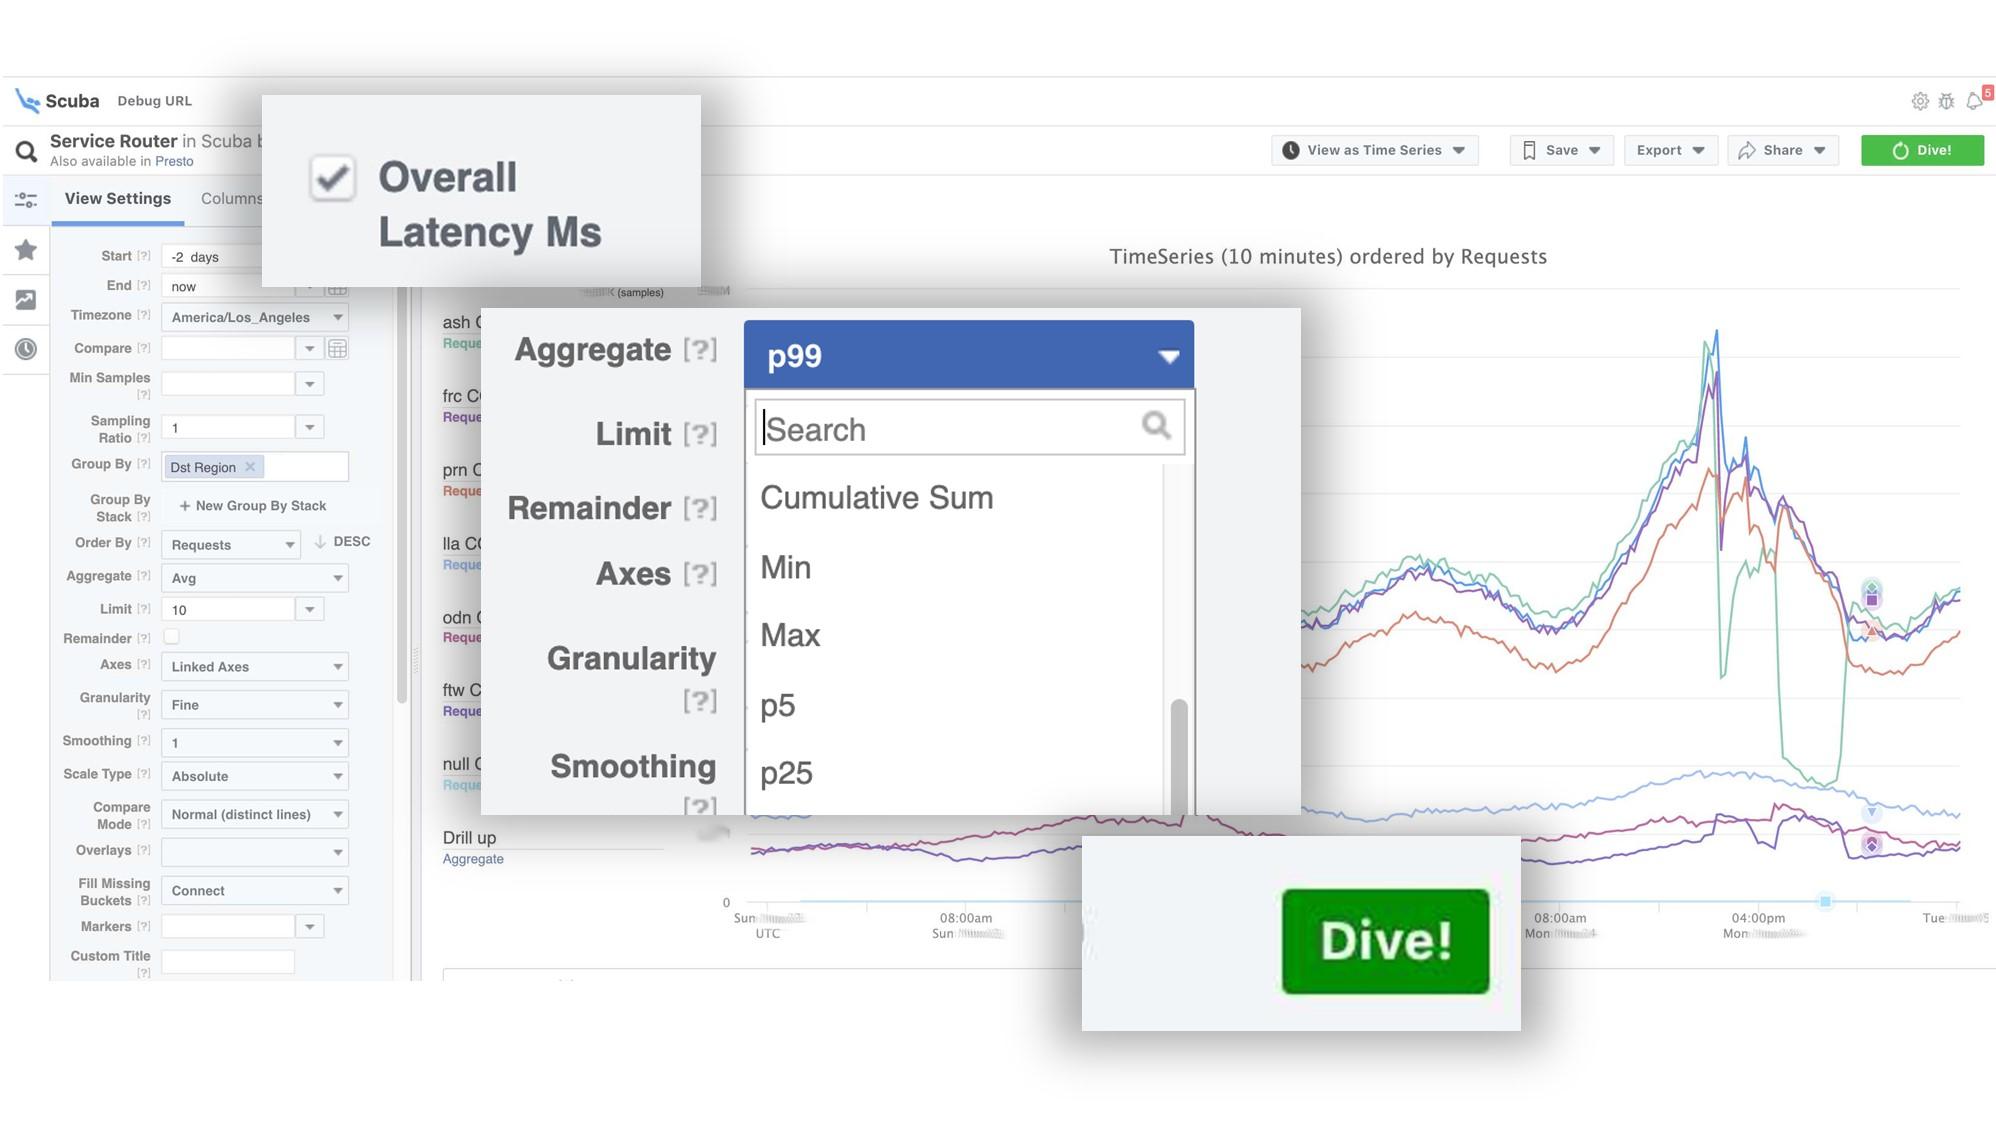 Взгляд изнутри на надежность сервисов Facebook - 13